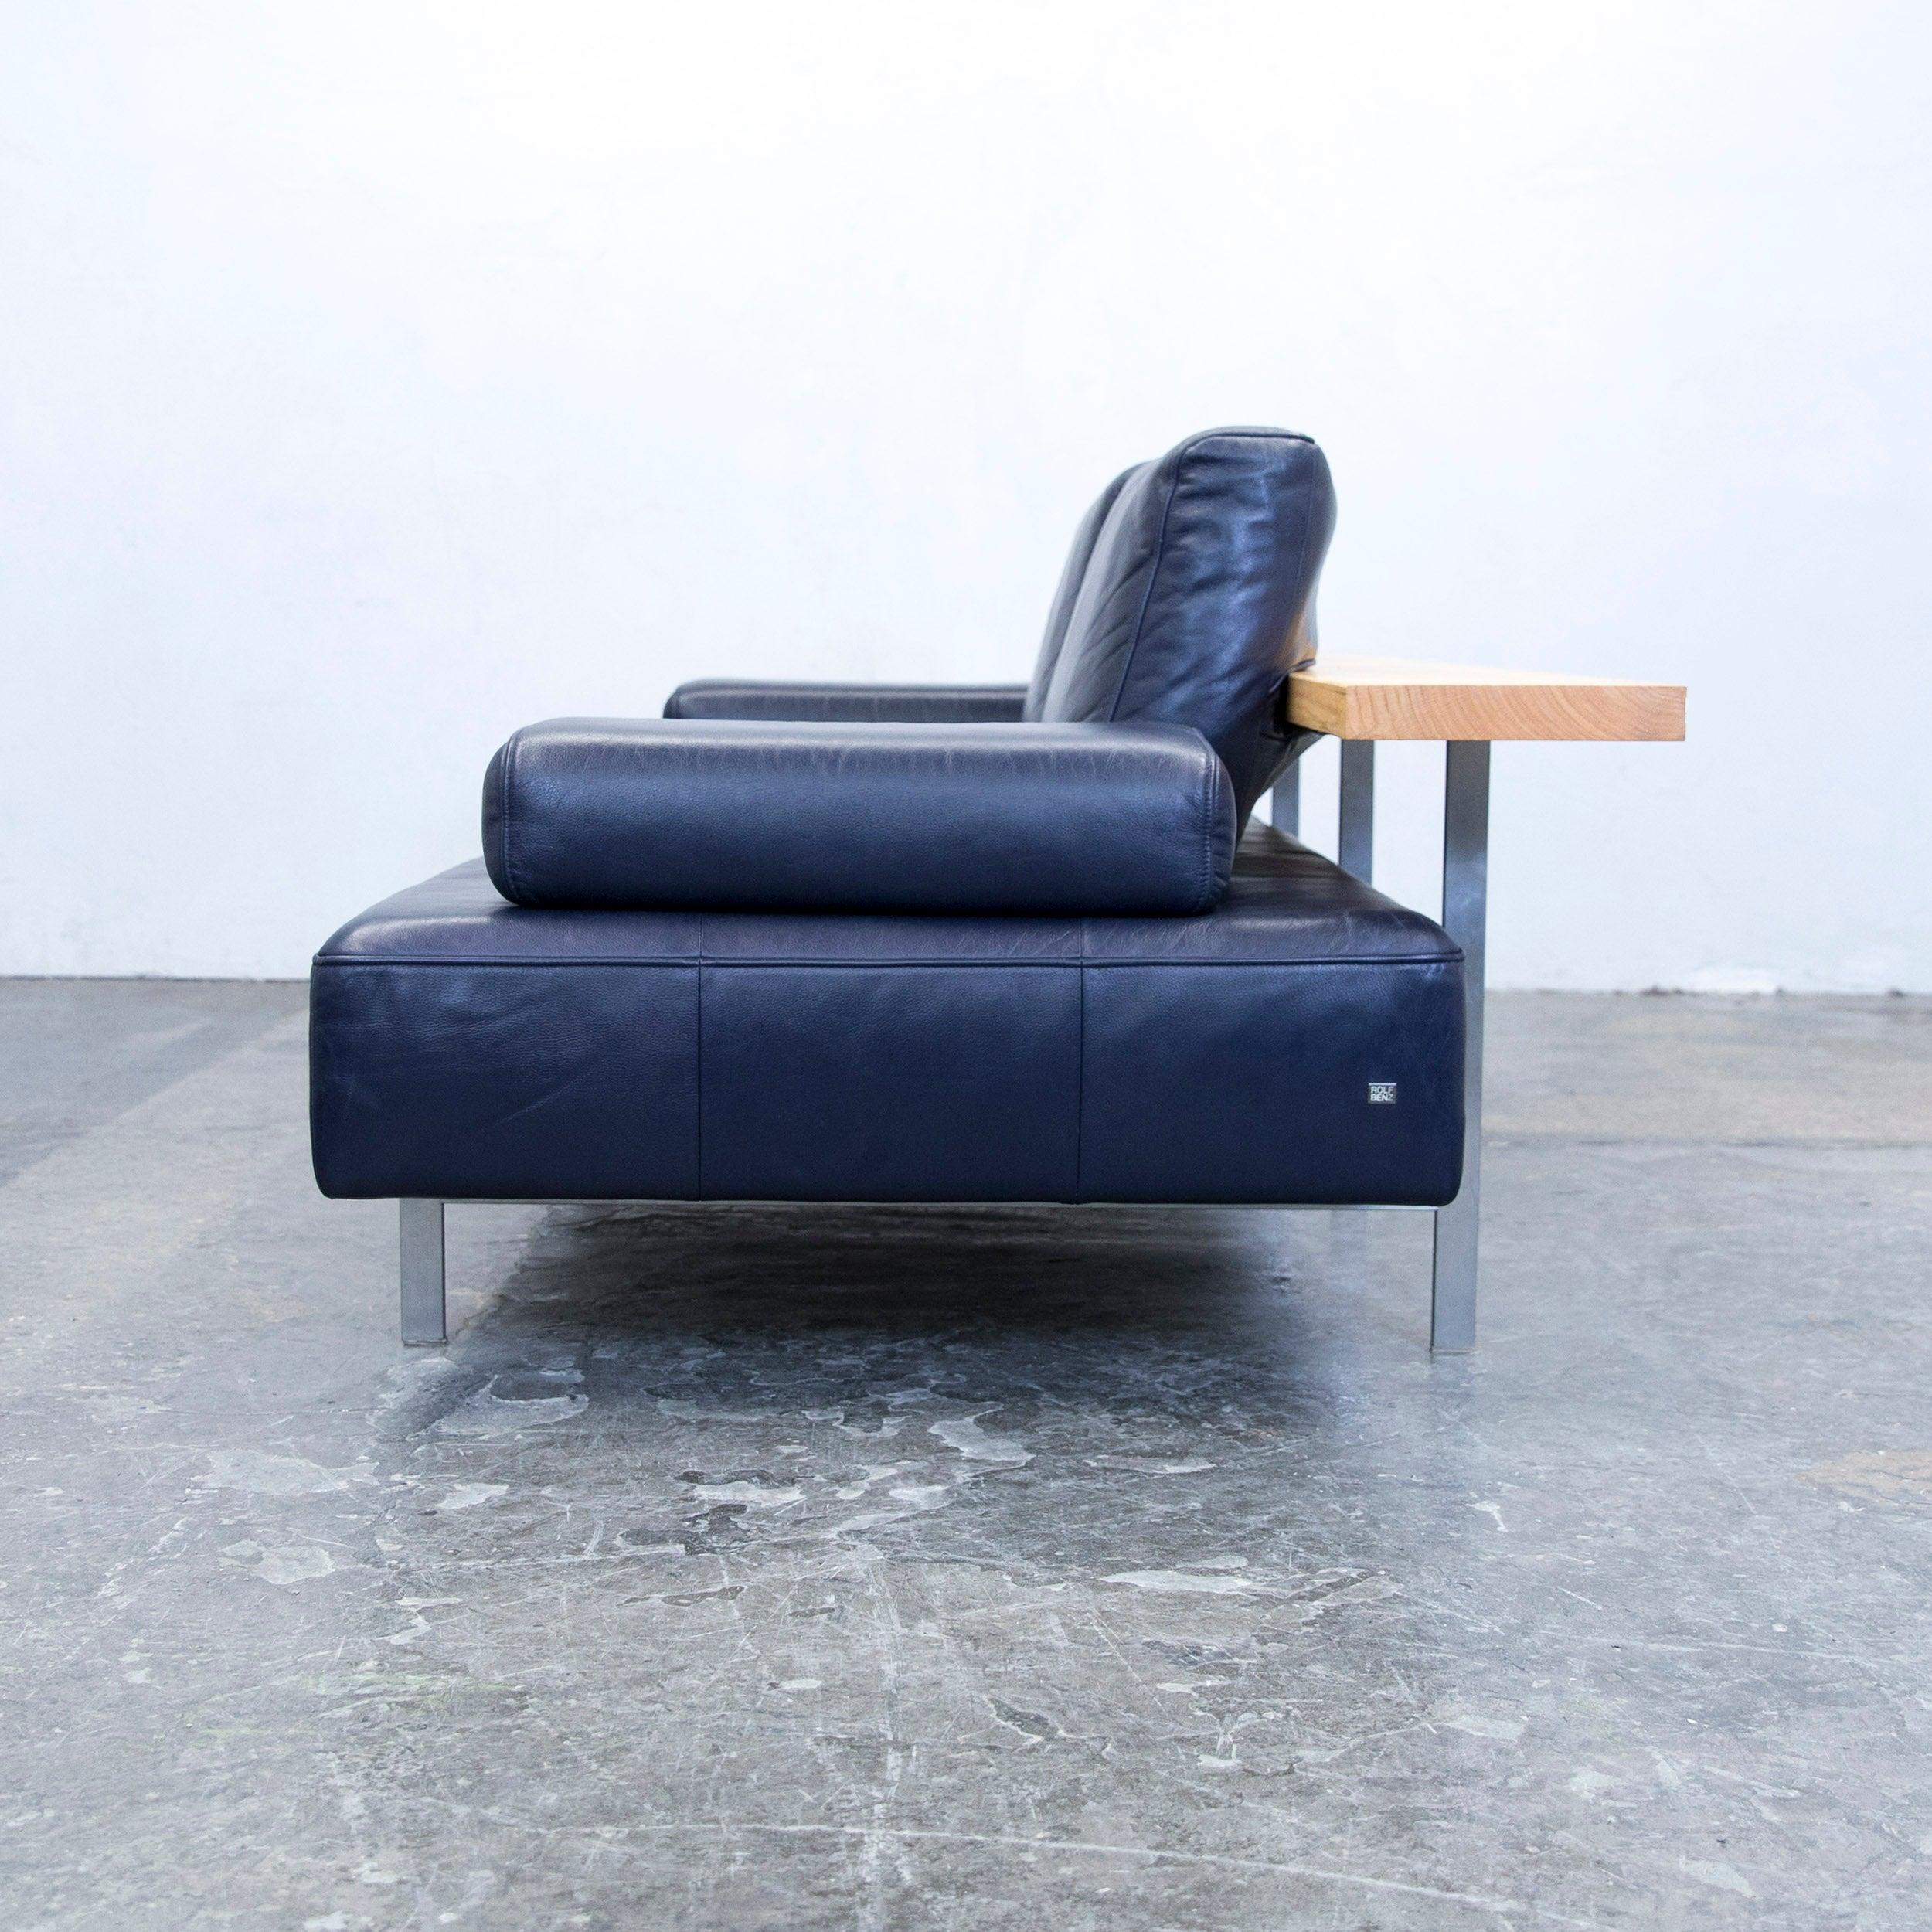 Erstaunlich Benz Couch Sammlung Von Rolf Dono Designer Sofa Aubergine Leather Three-seat